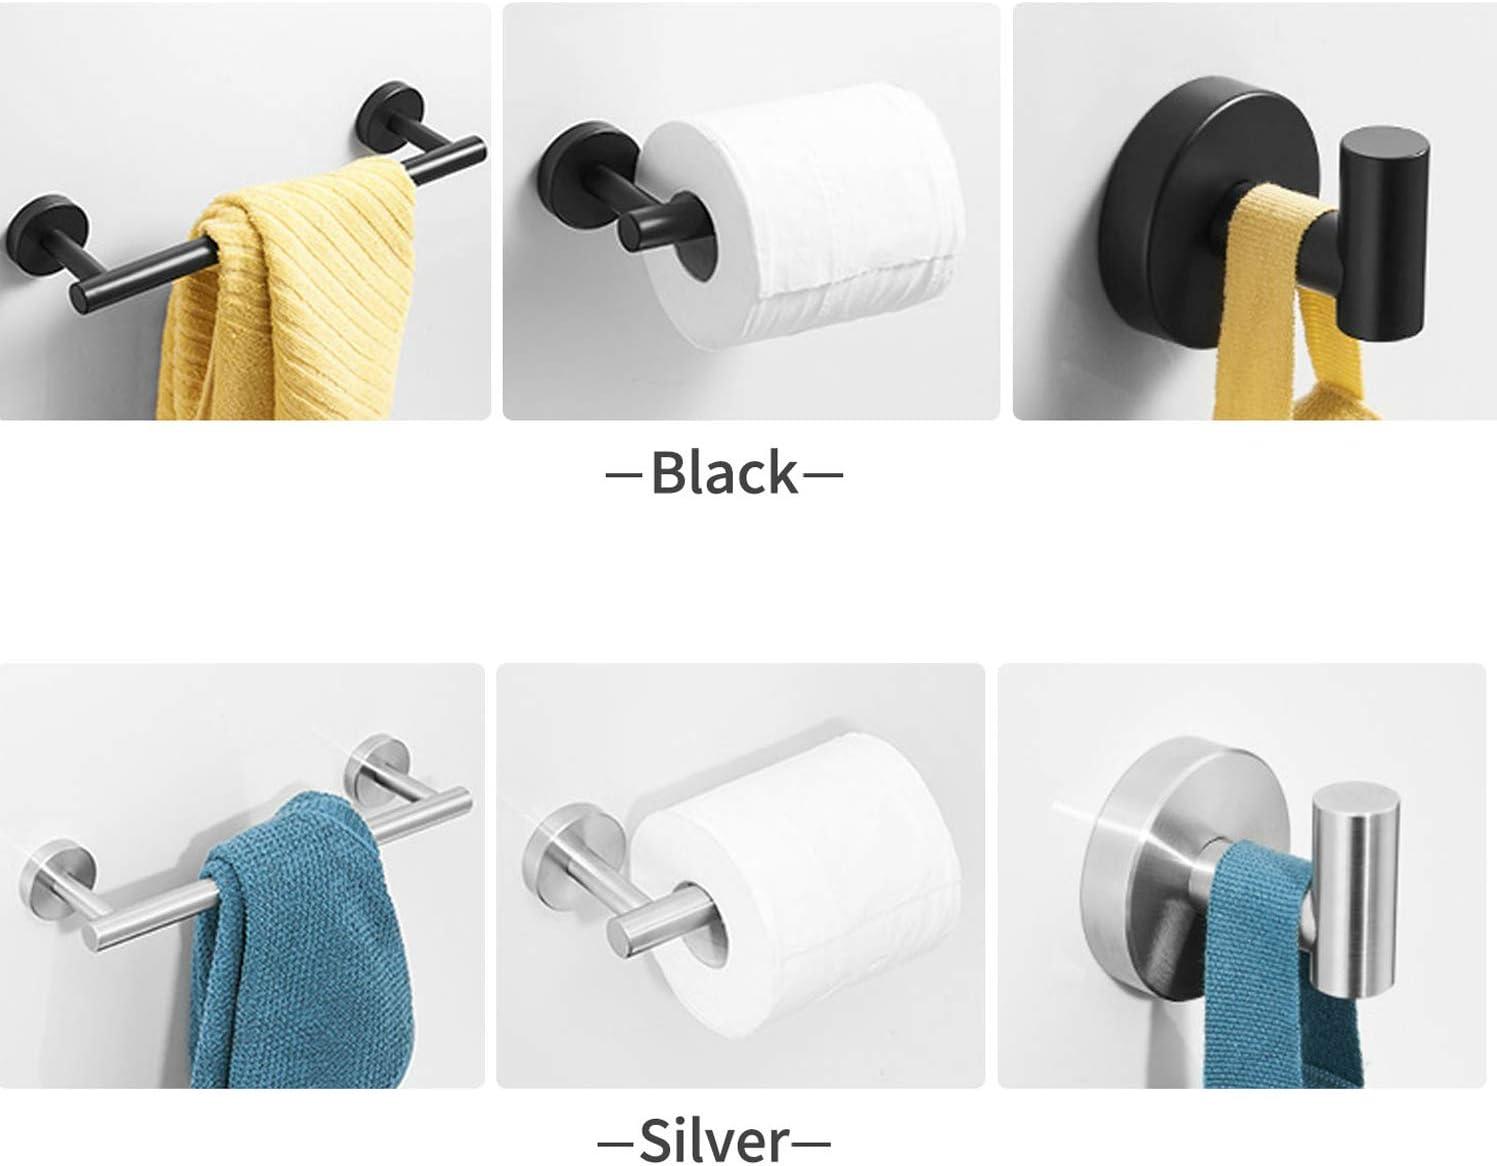 3-Piece Bathroom Towel Bar Set Black Wall Mount Stainless Steel Bathroom Towel Rack Toilet Paper Holder and Robe Hook